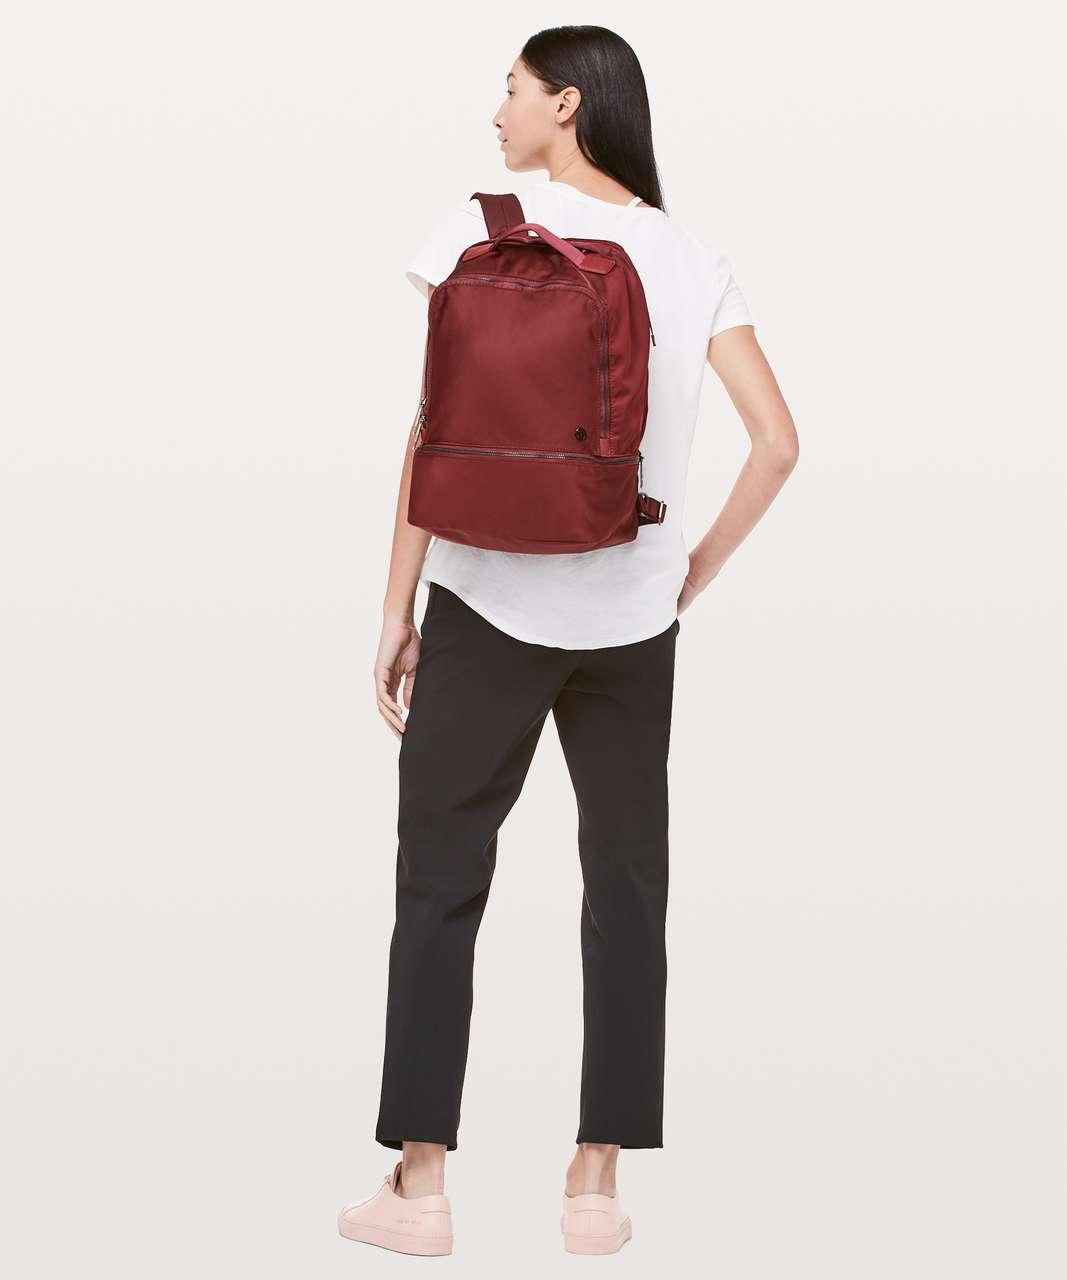 Lululemon City Adventurer Backpack II *17L - Red Oxide